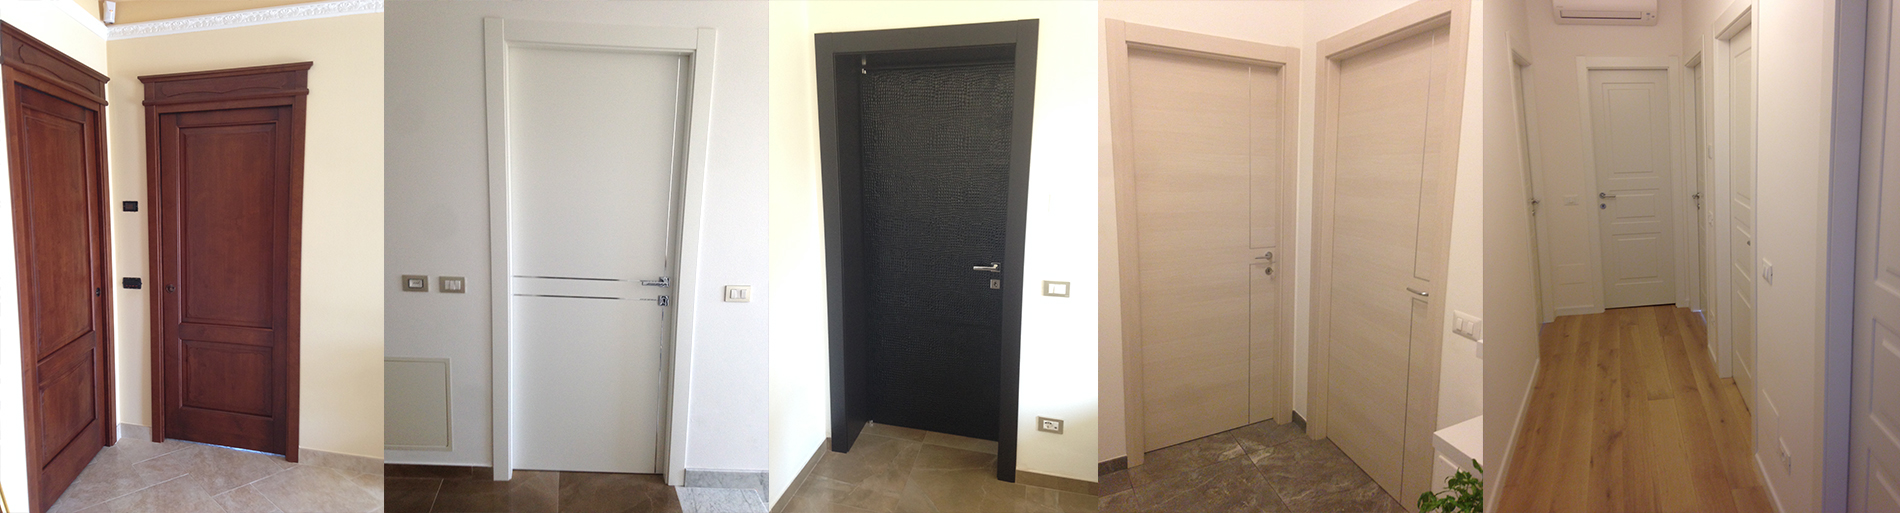 Porte da interno tecno serramenti - Porte da interno brico ...